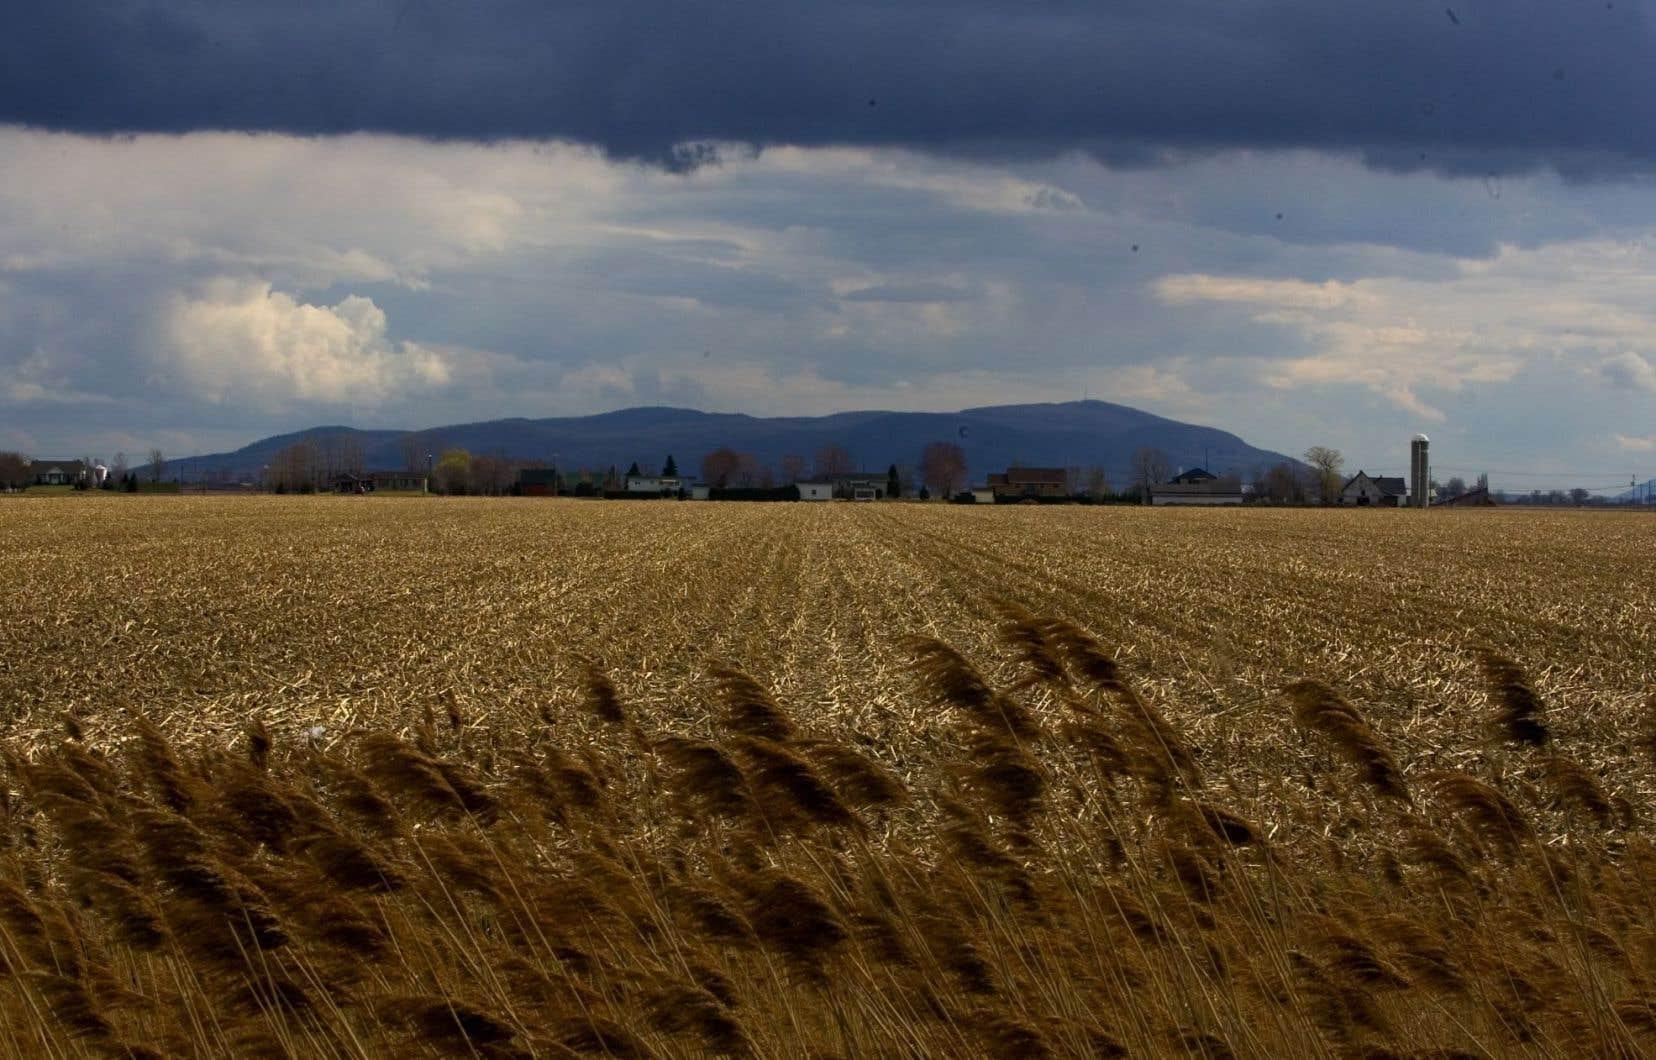 Le secteur agricole sera de plus en plus affecté par les changements climatiques, qui entraîneront dans leur sillage toute une série d'impacts négatifs significatifs.